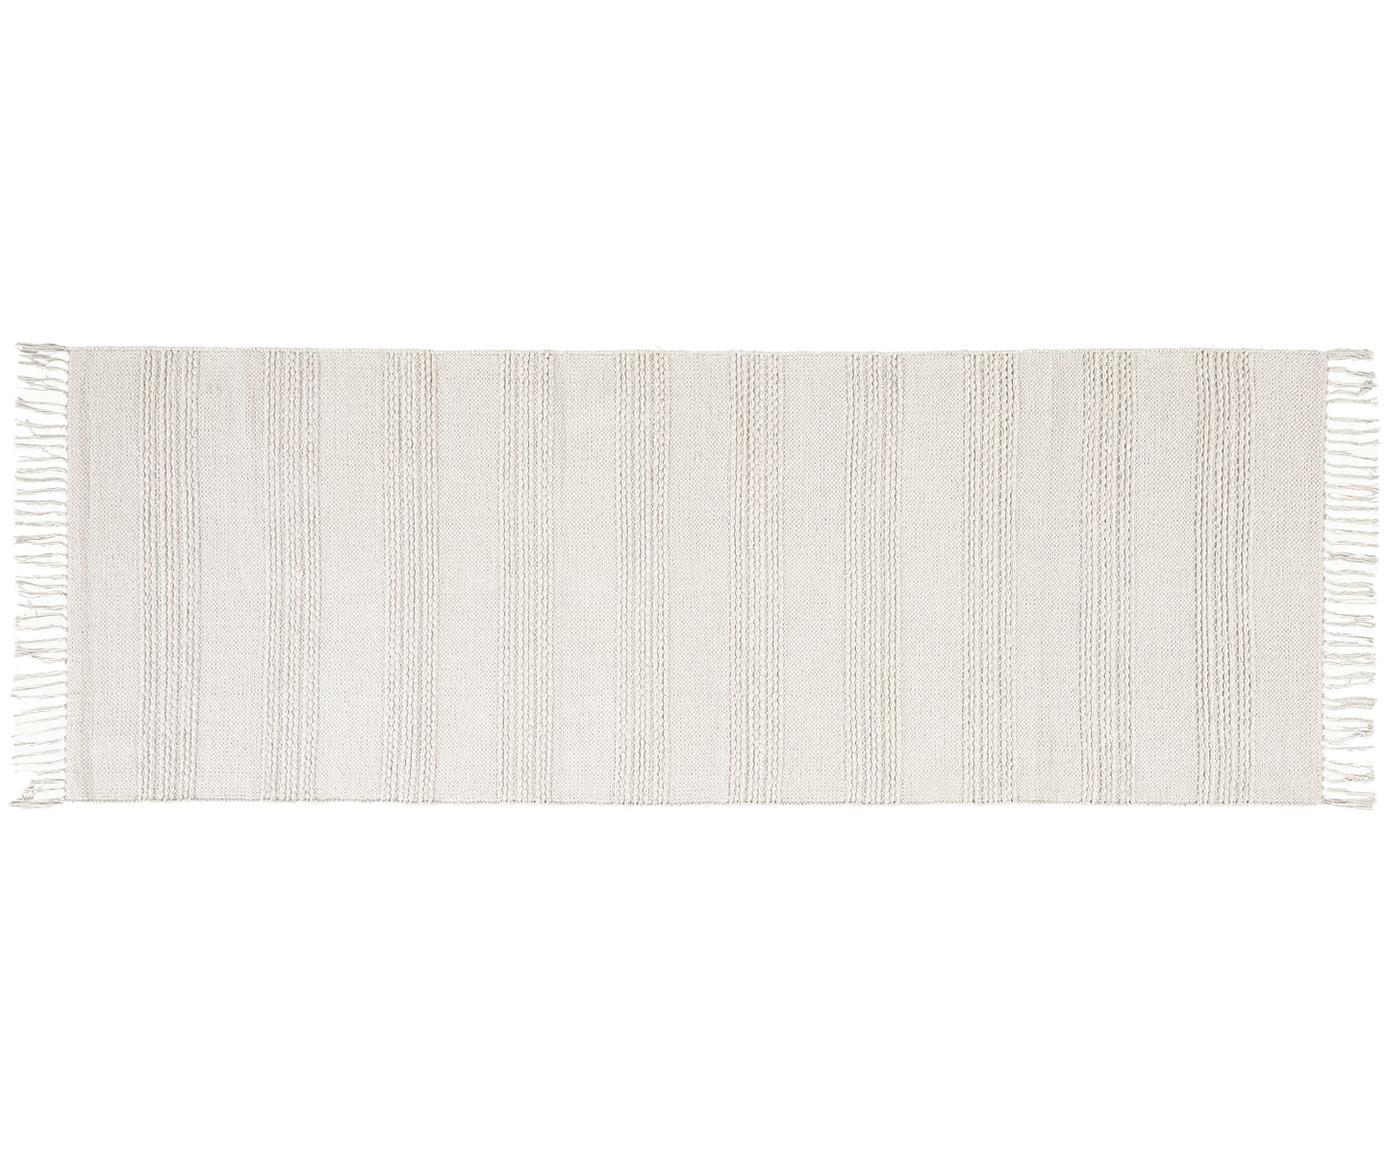 Alfombra texturizada con flecos Vanya, Algodón, Blanco, An 70 x L 200 cm